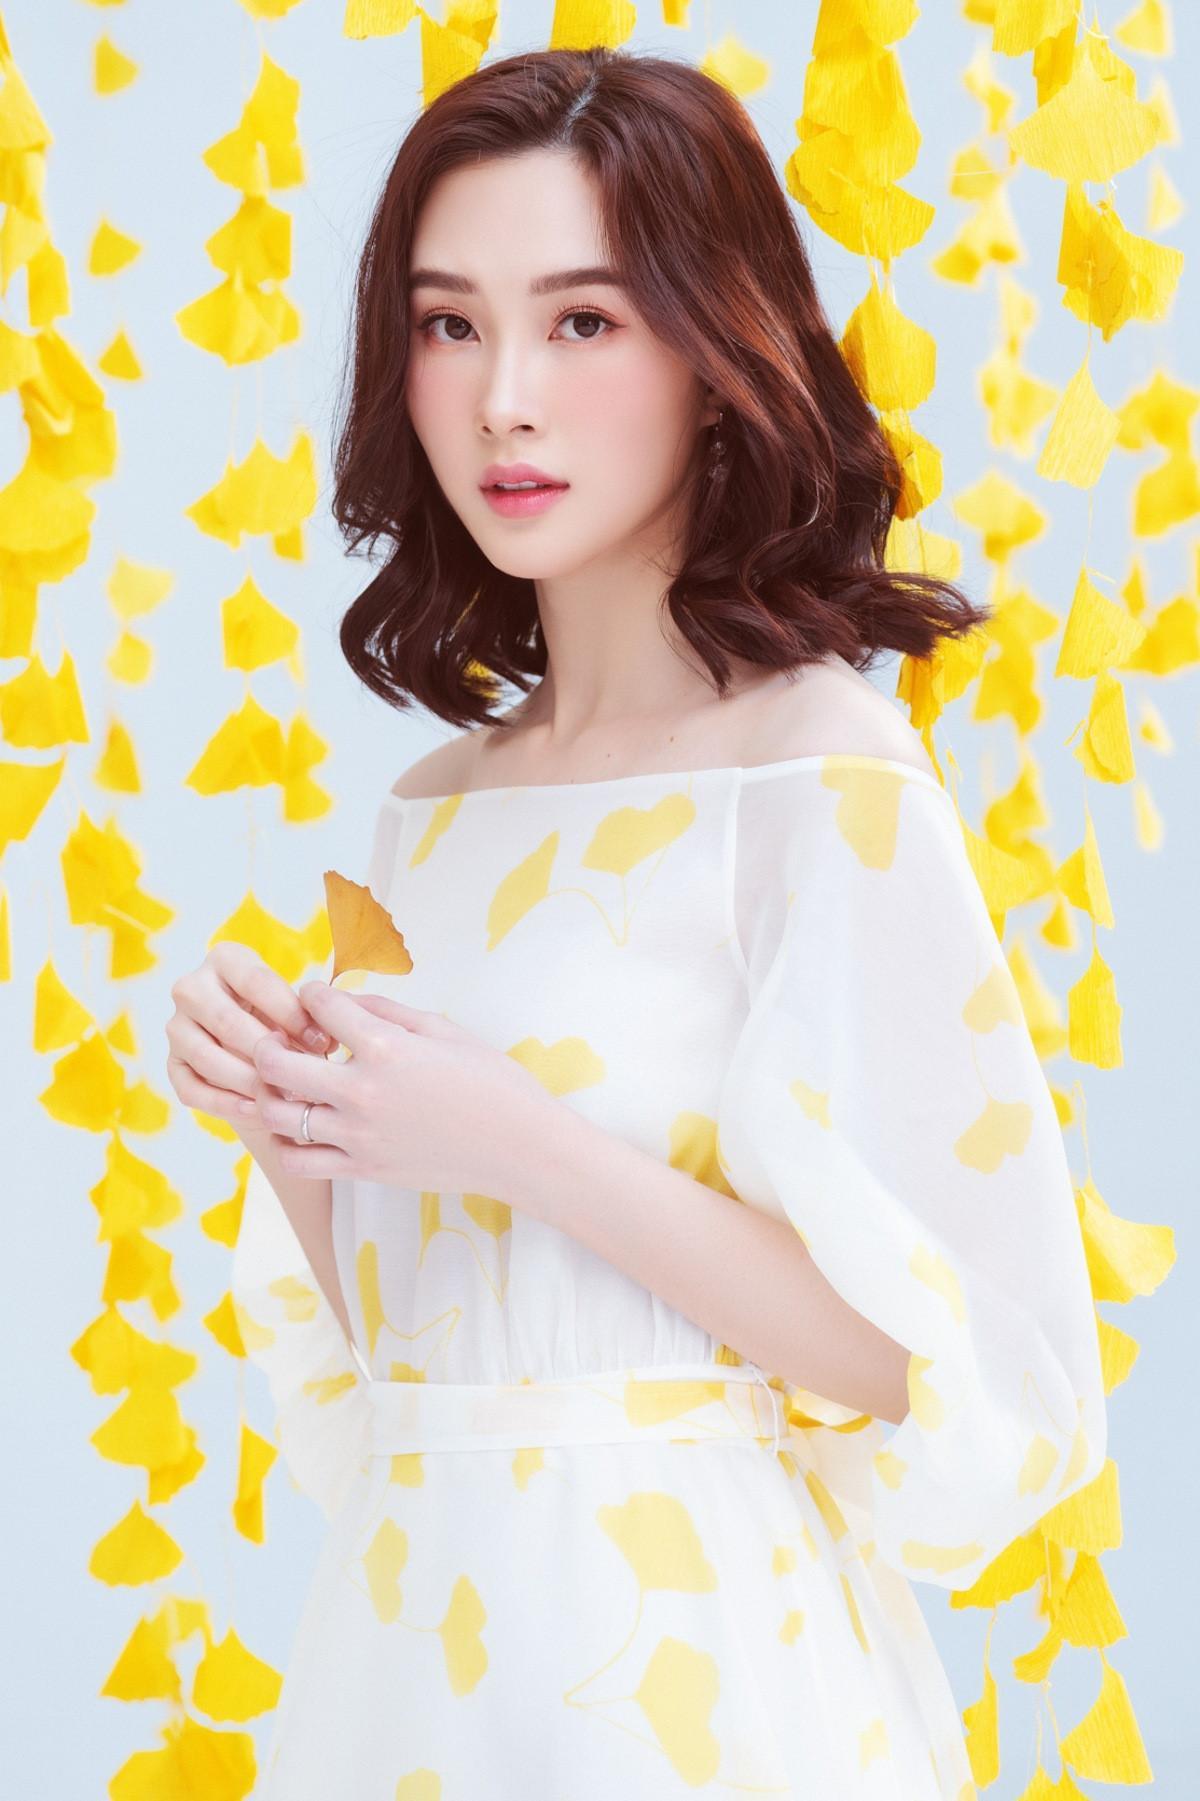 Nhan sắc của Hoa hậu Đặng Thu Thảo sau 7 năm đăng quang Ảnh 3